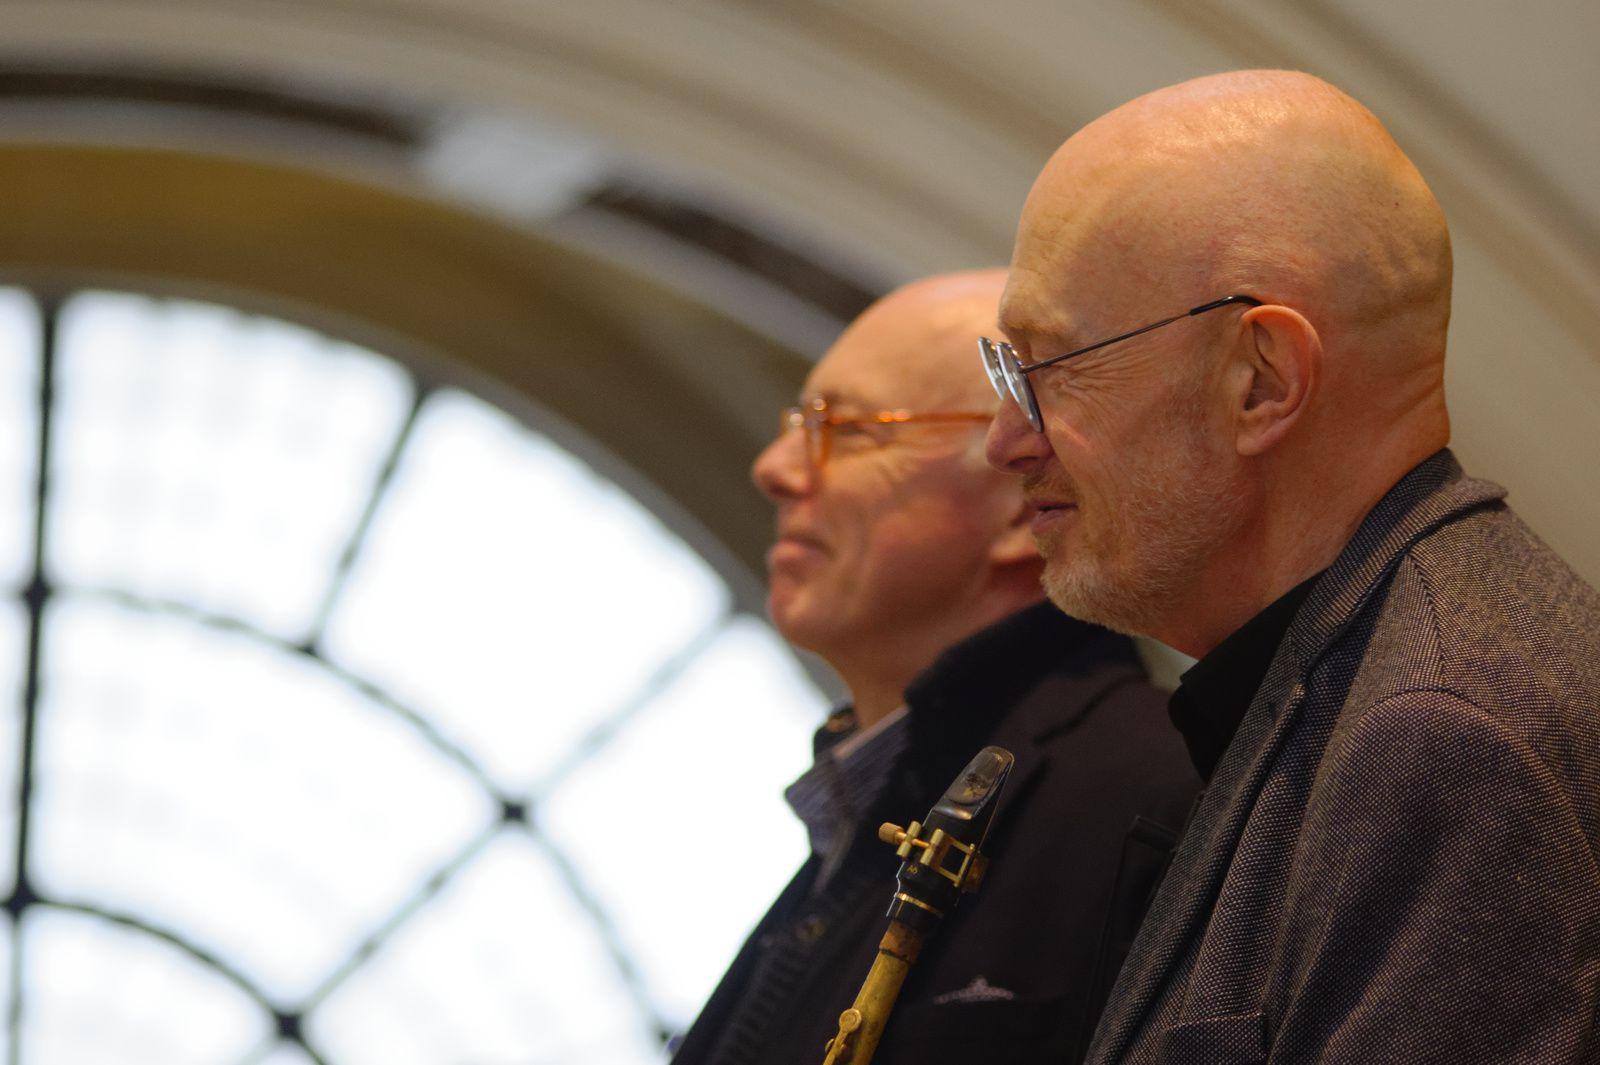 Steve Houben & Charles Loos - 16 juin 2019